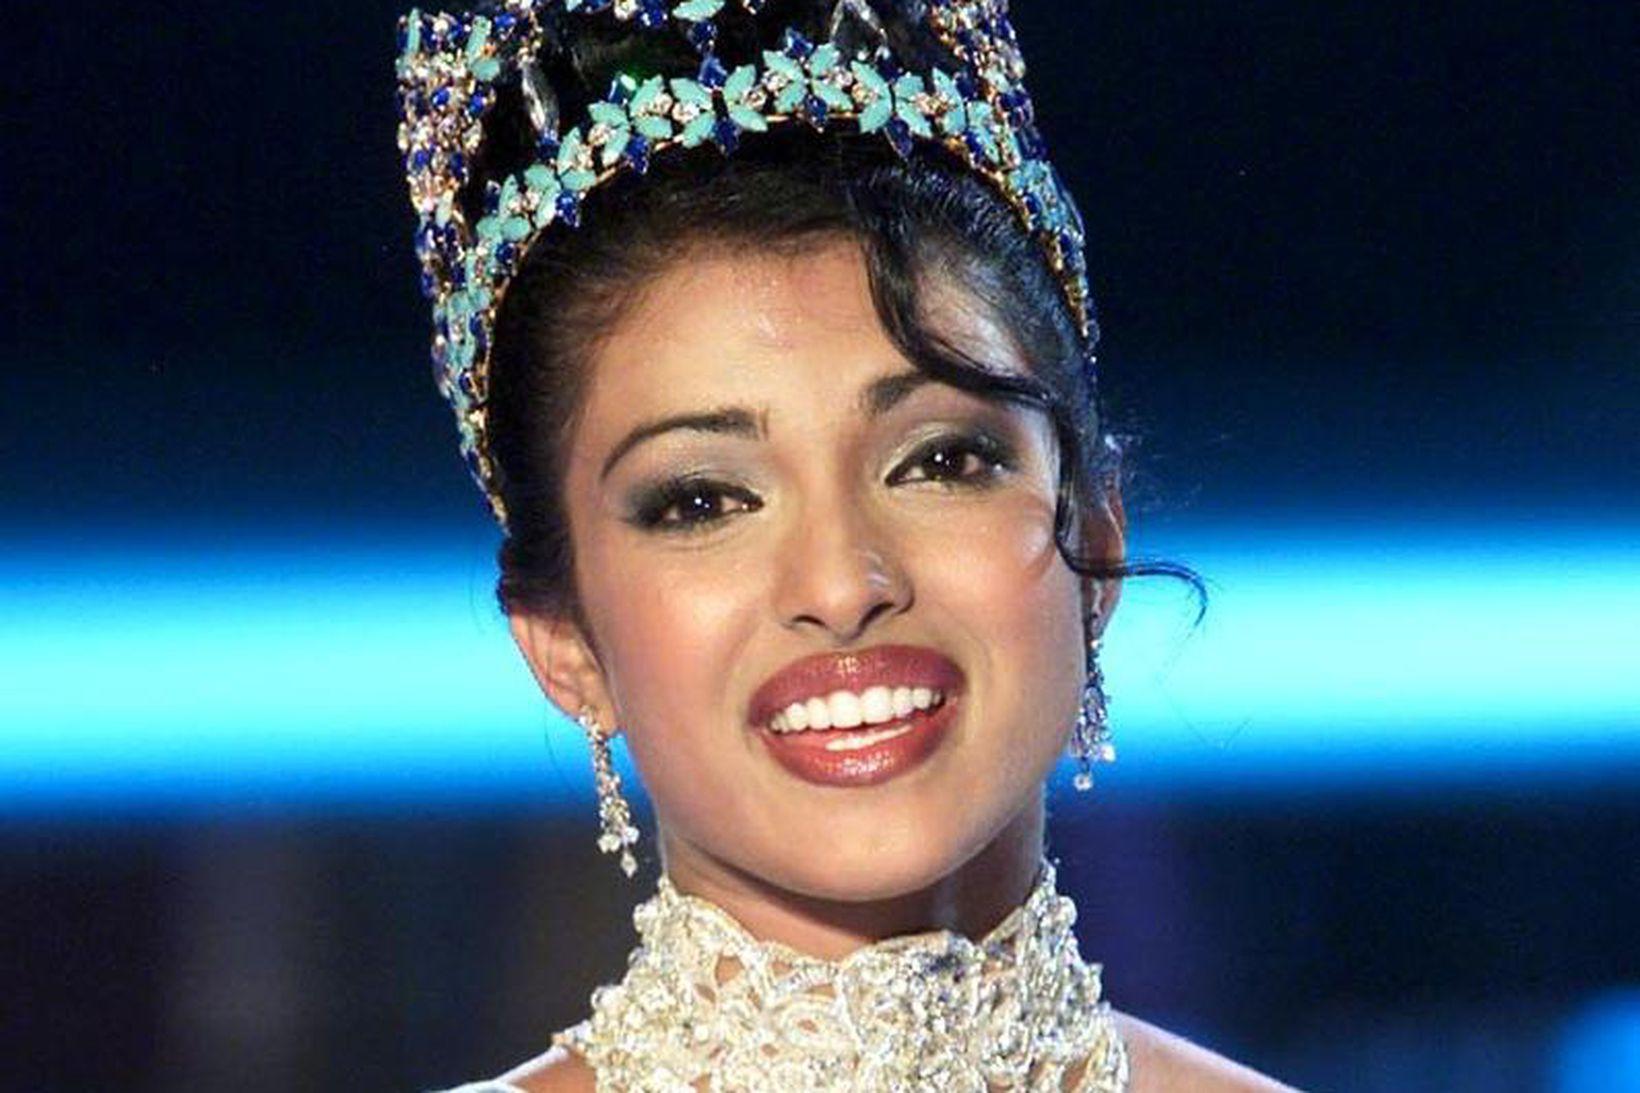 Priyanka Chopra var 18 ára þegar hún var valin sú …